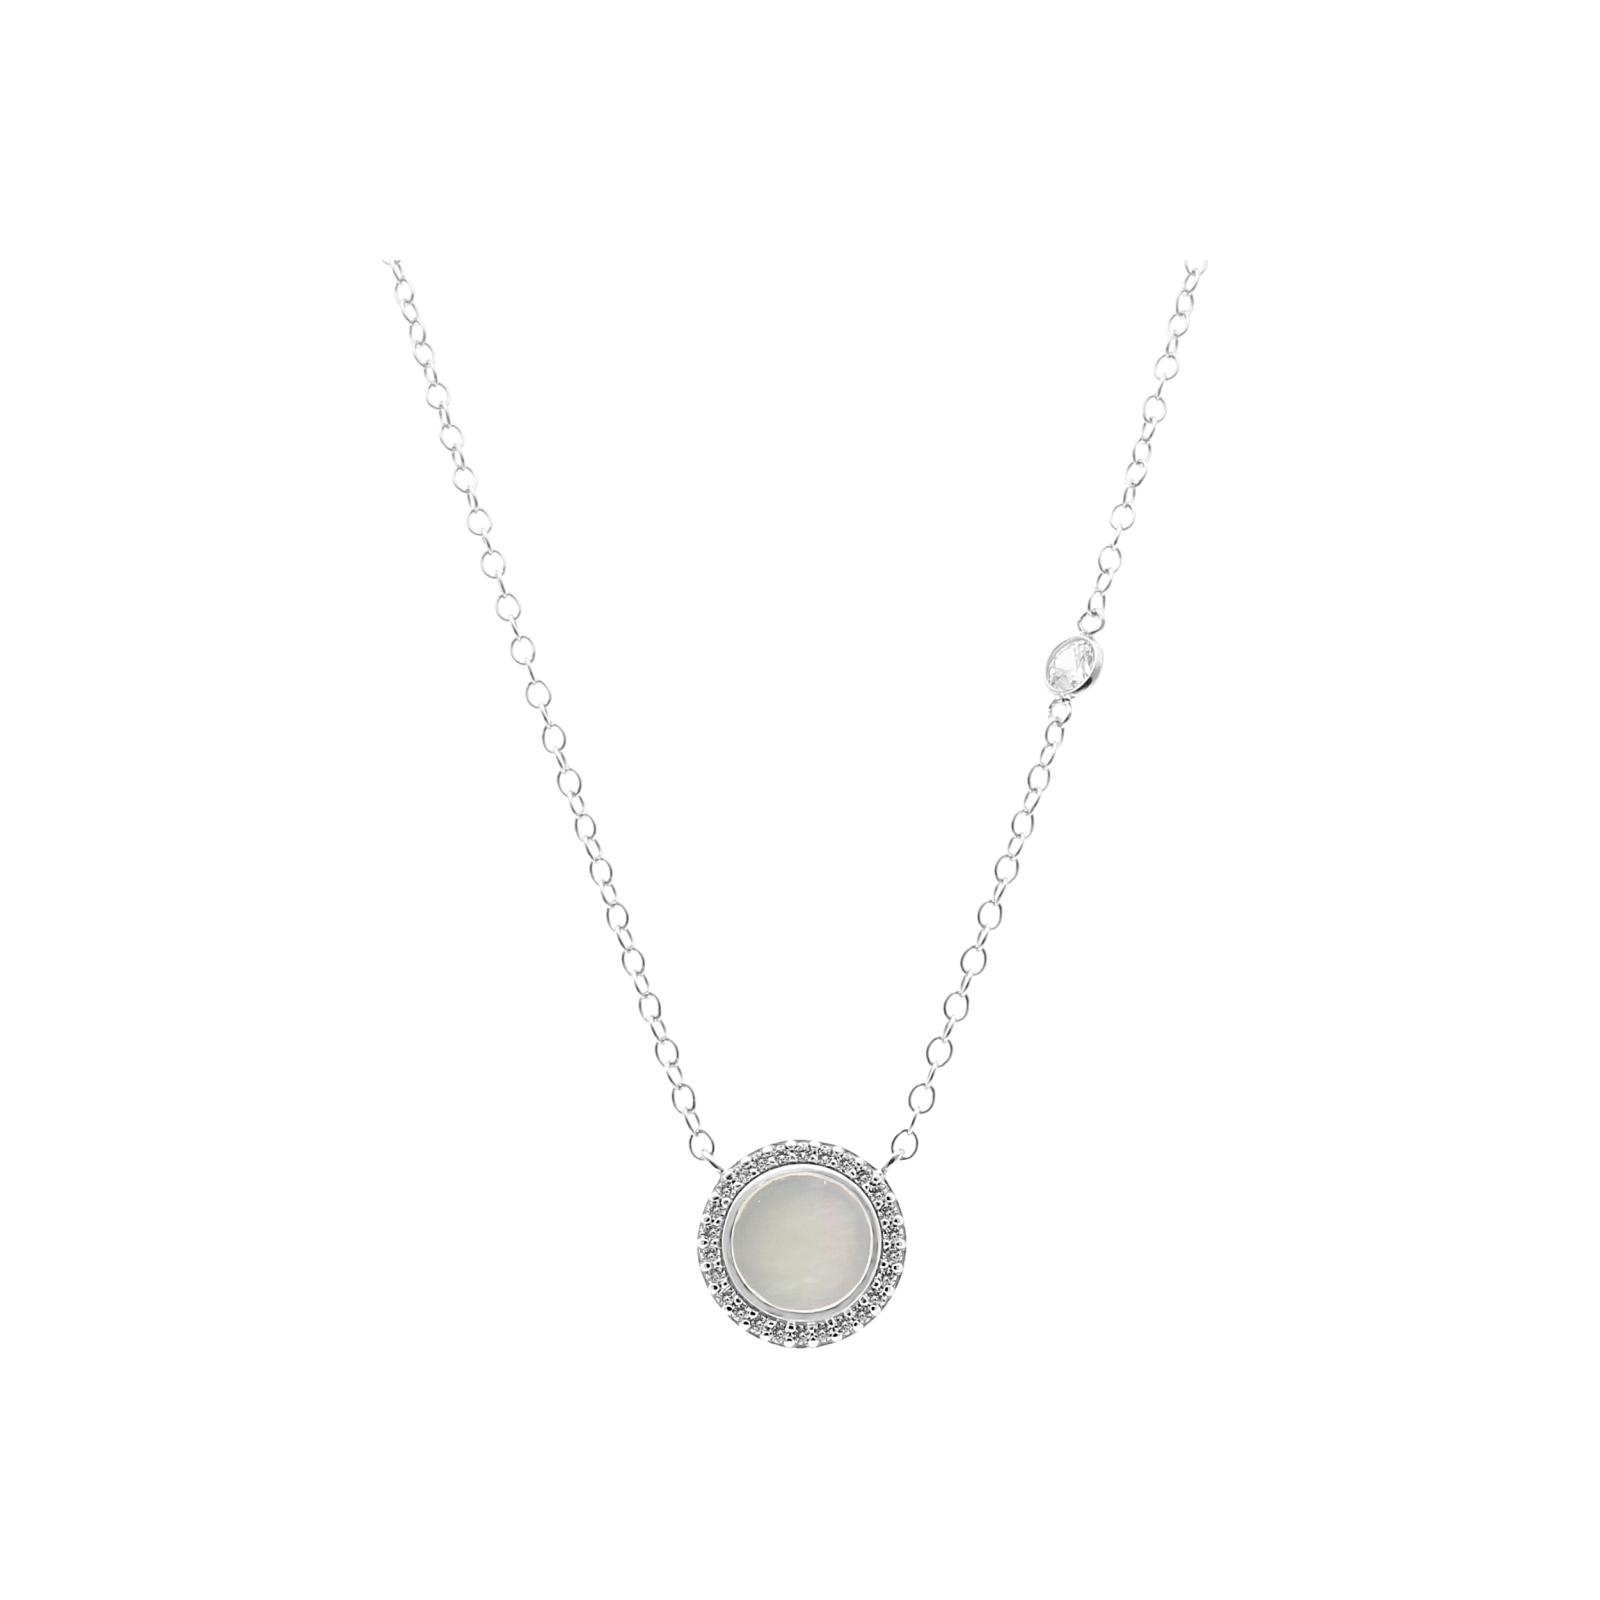 Perlmutteinlage und Zirkonia Steine, Silber 925